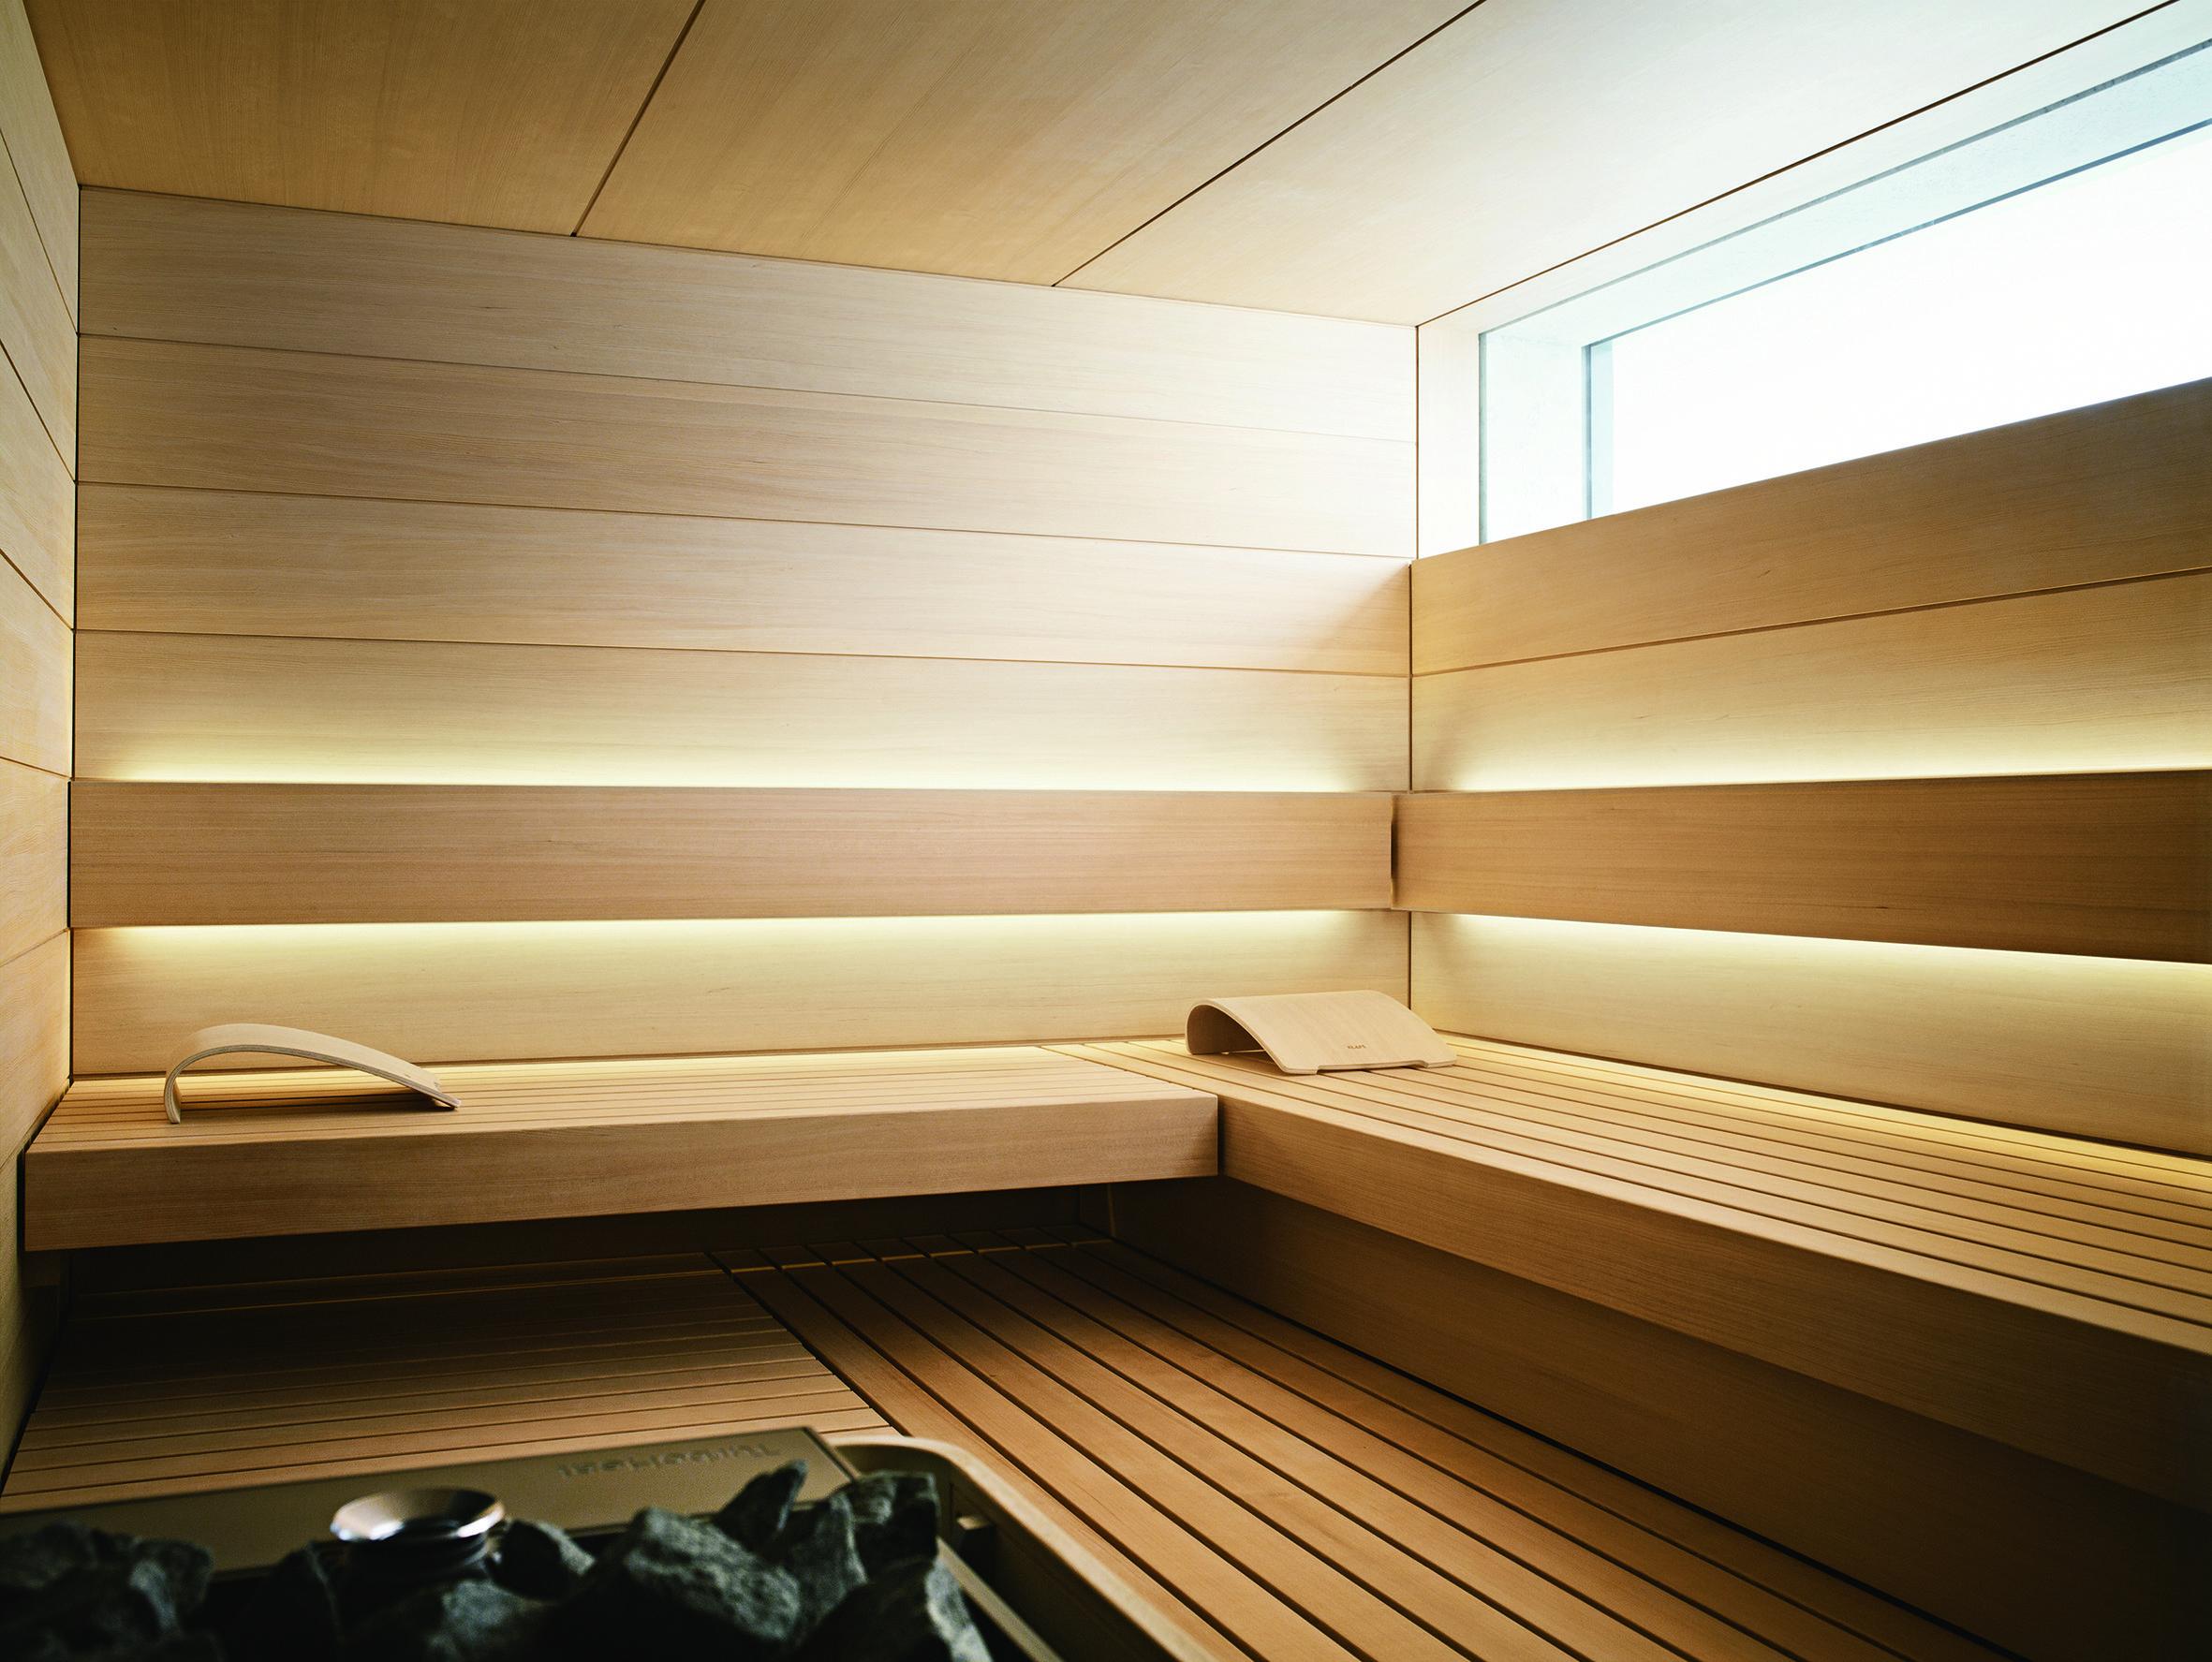 Dieser Eindruck Setzt Sich Im Interieur Der Design Sauna Shape Von Klafs Eindrucksvoll Fort Die Innenverkleidung Aus Ho Sauna Innenverkleidung Sauna Ideen